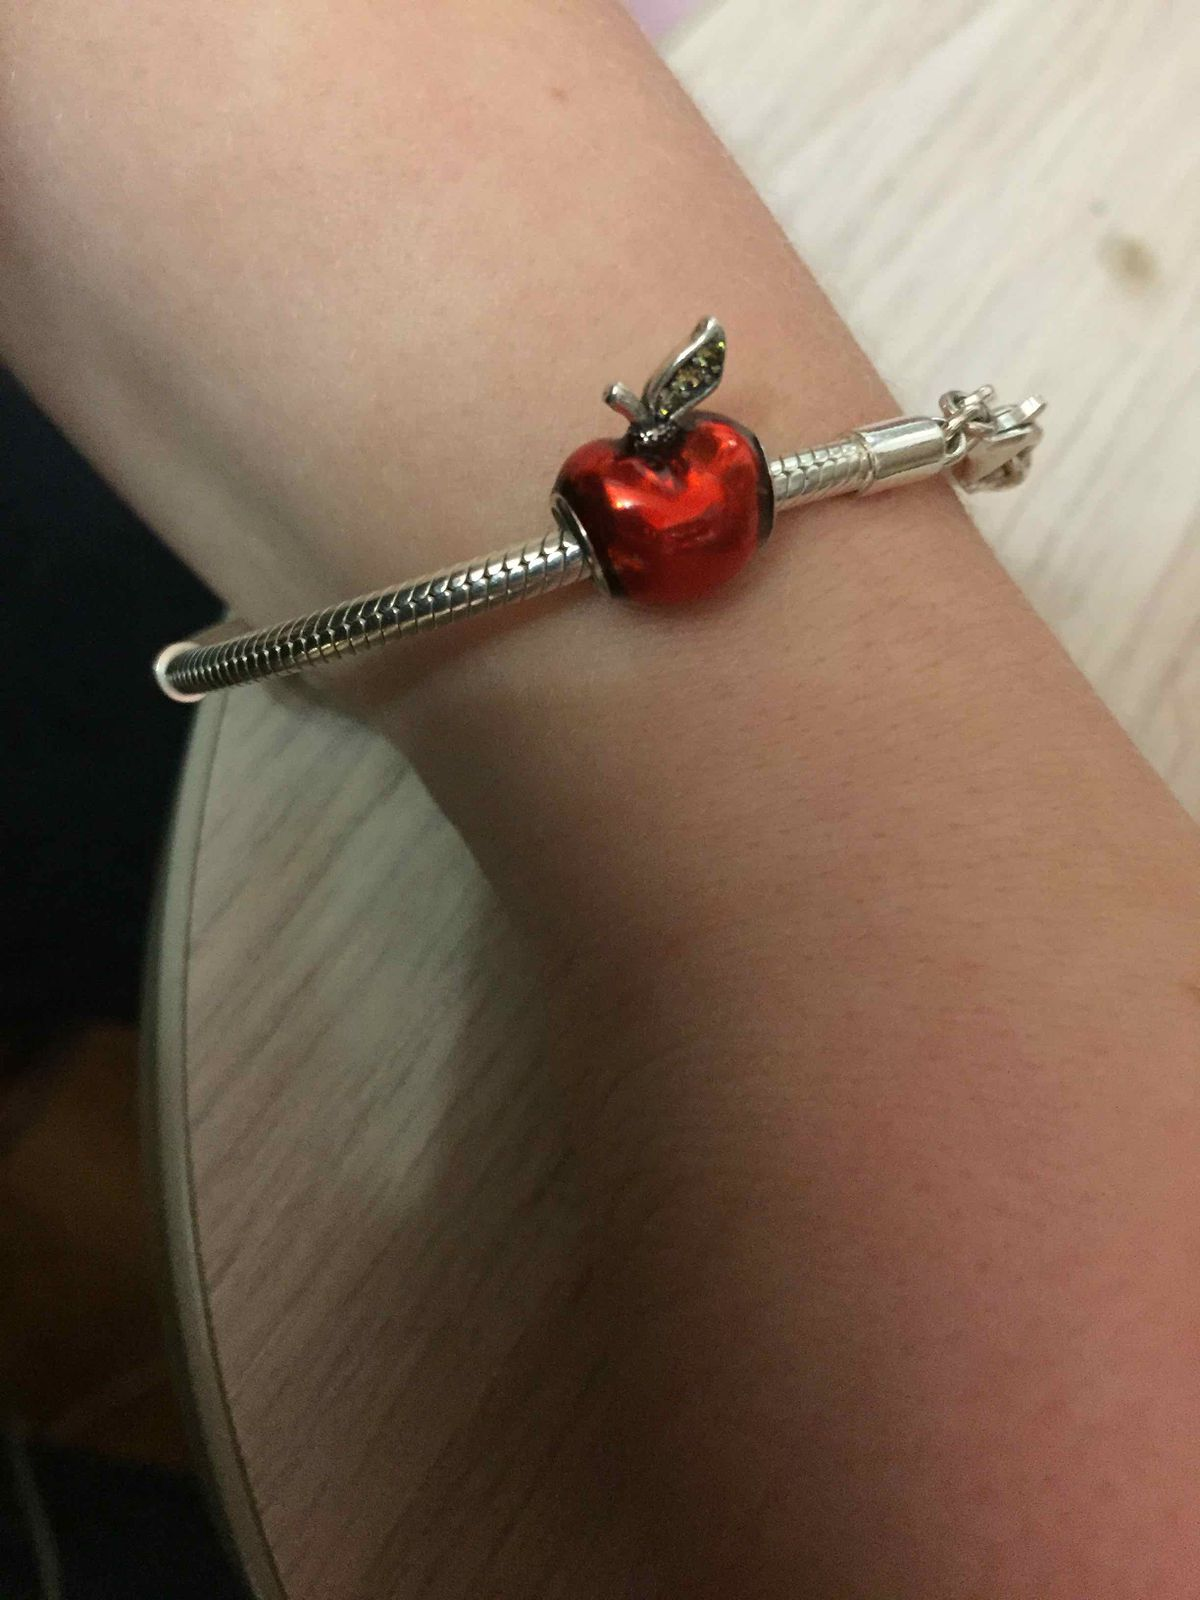 Шарм серебряная подвеска яблоко  это моя новая любовь советую всем !!!